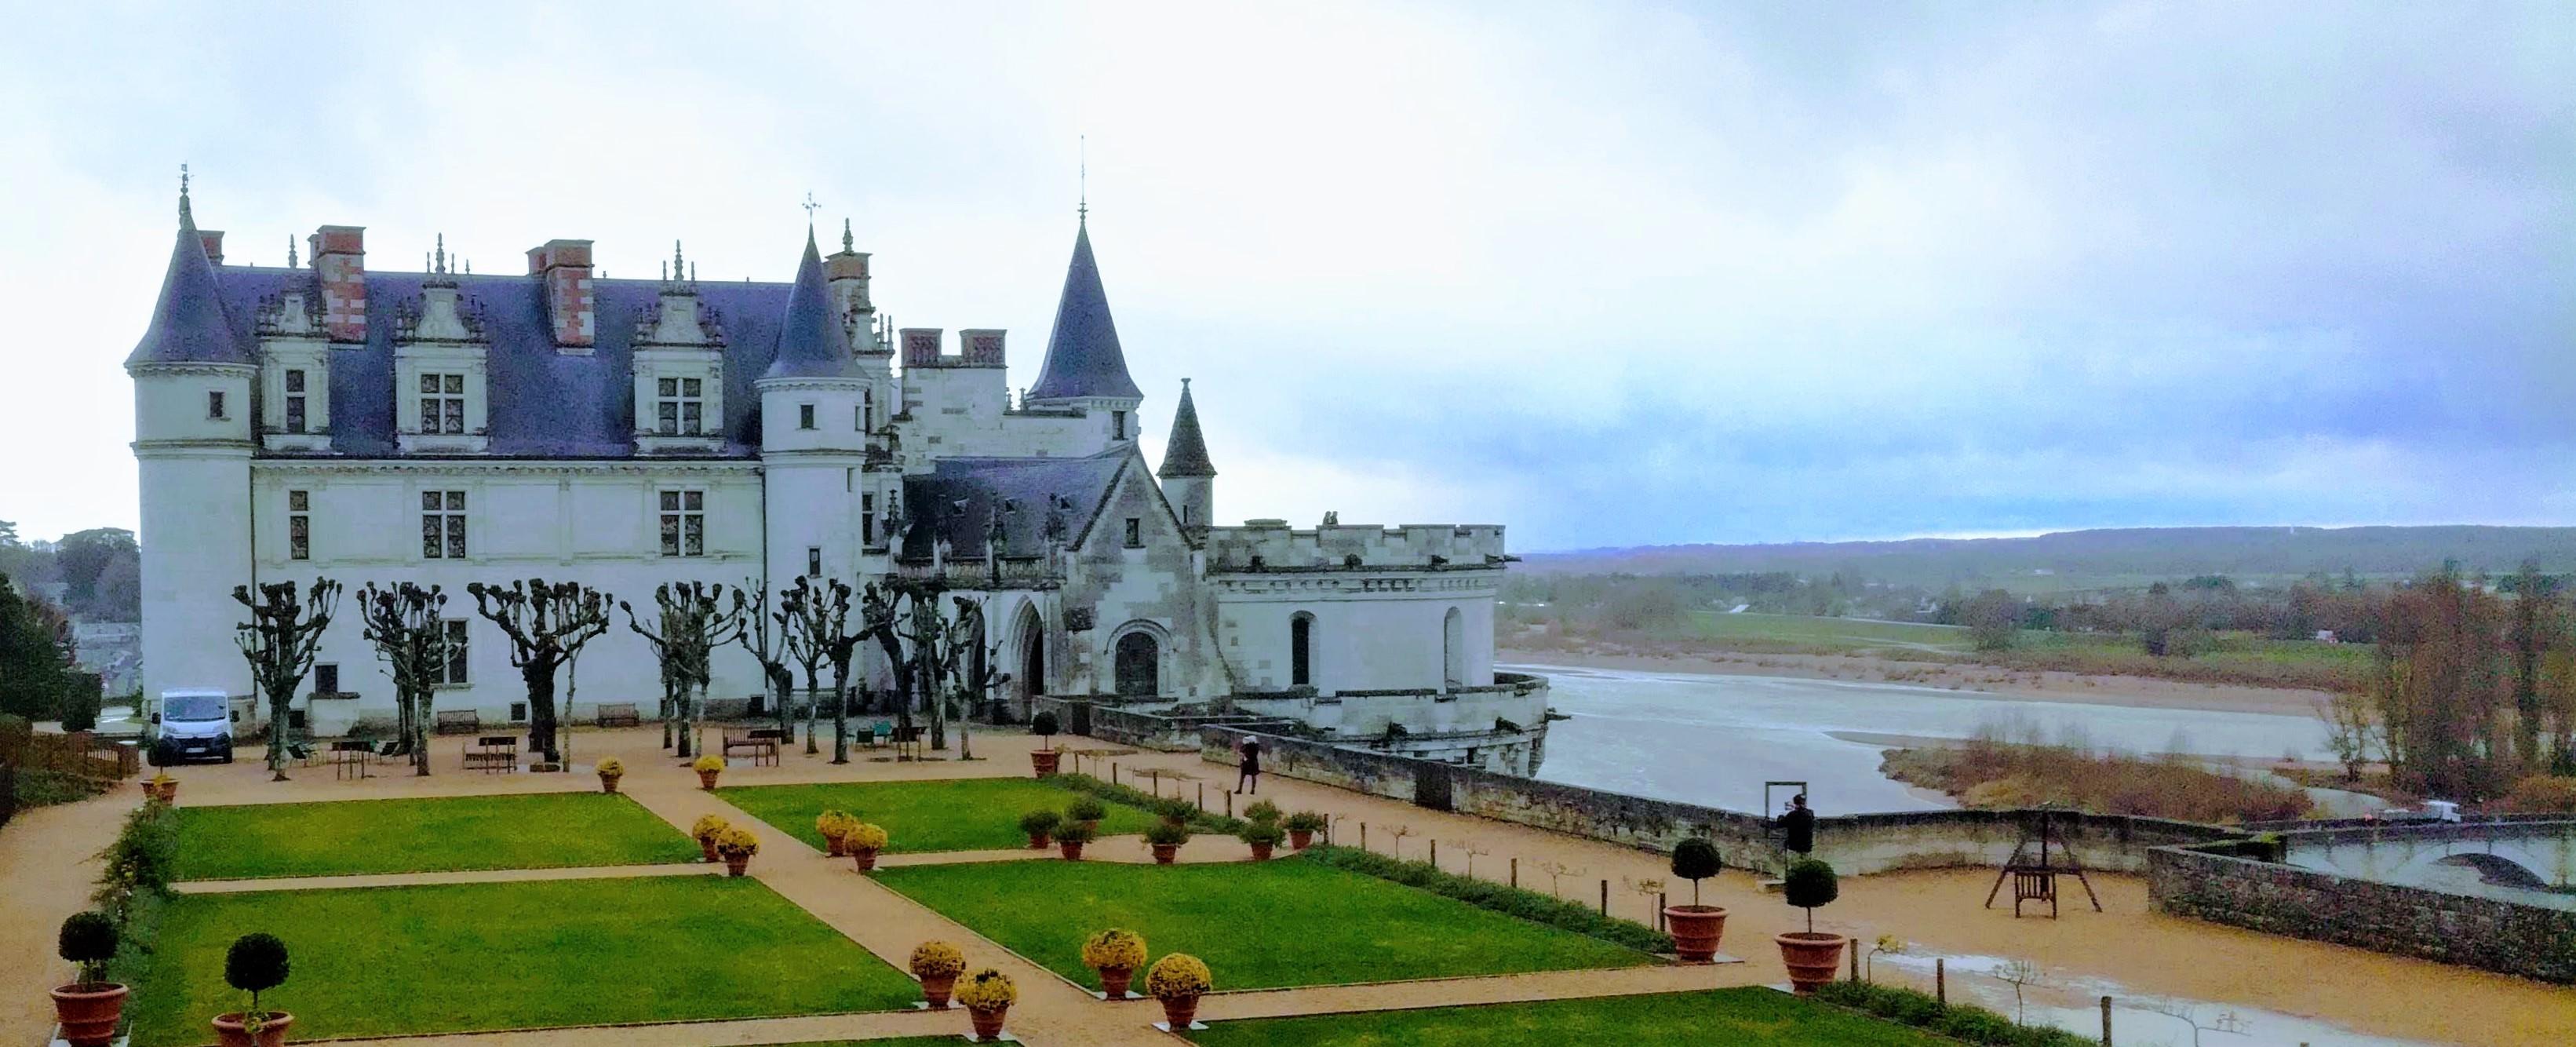 Amboise Royal Chateau